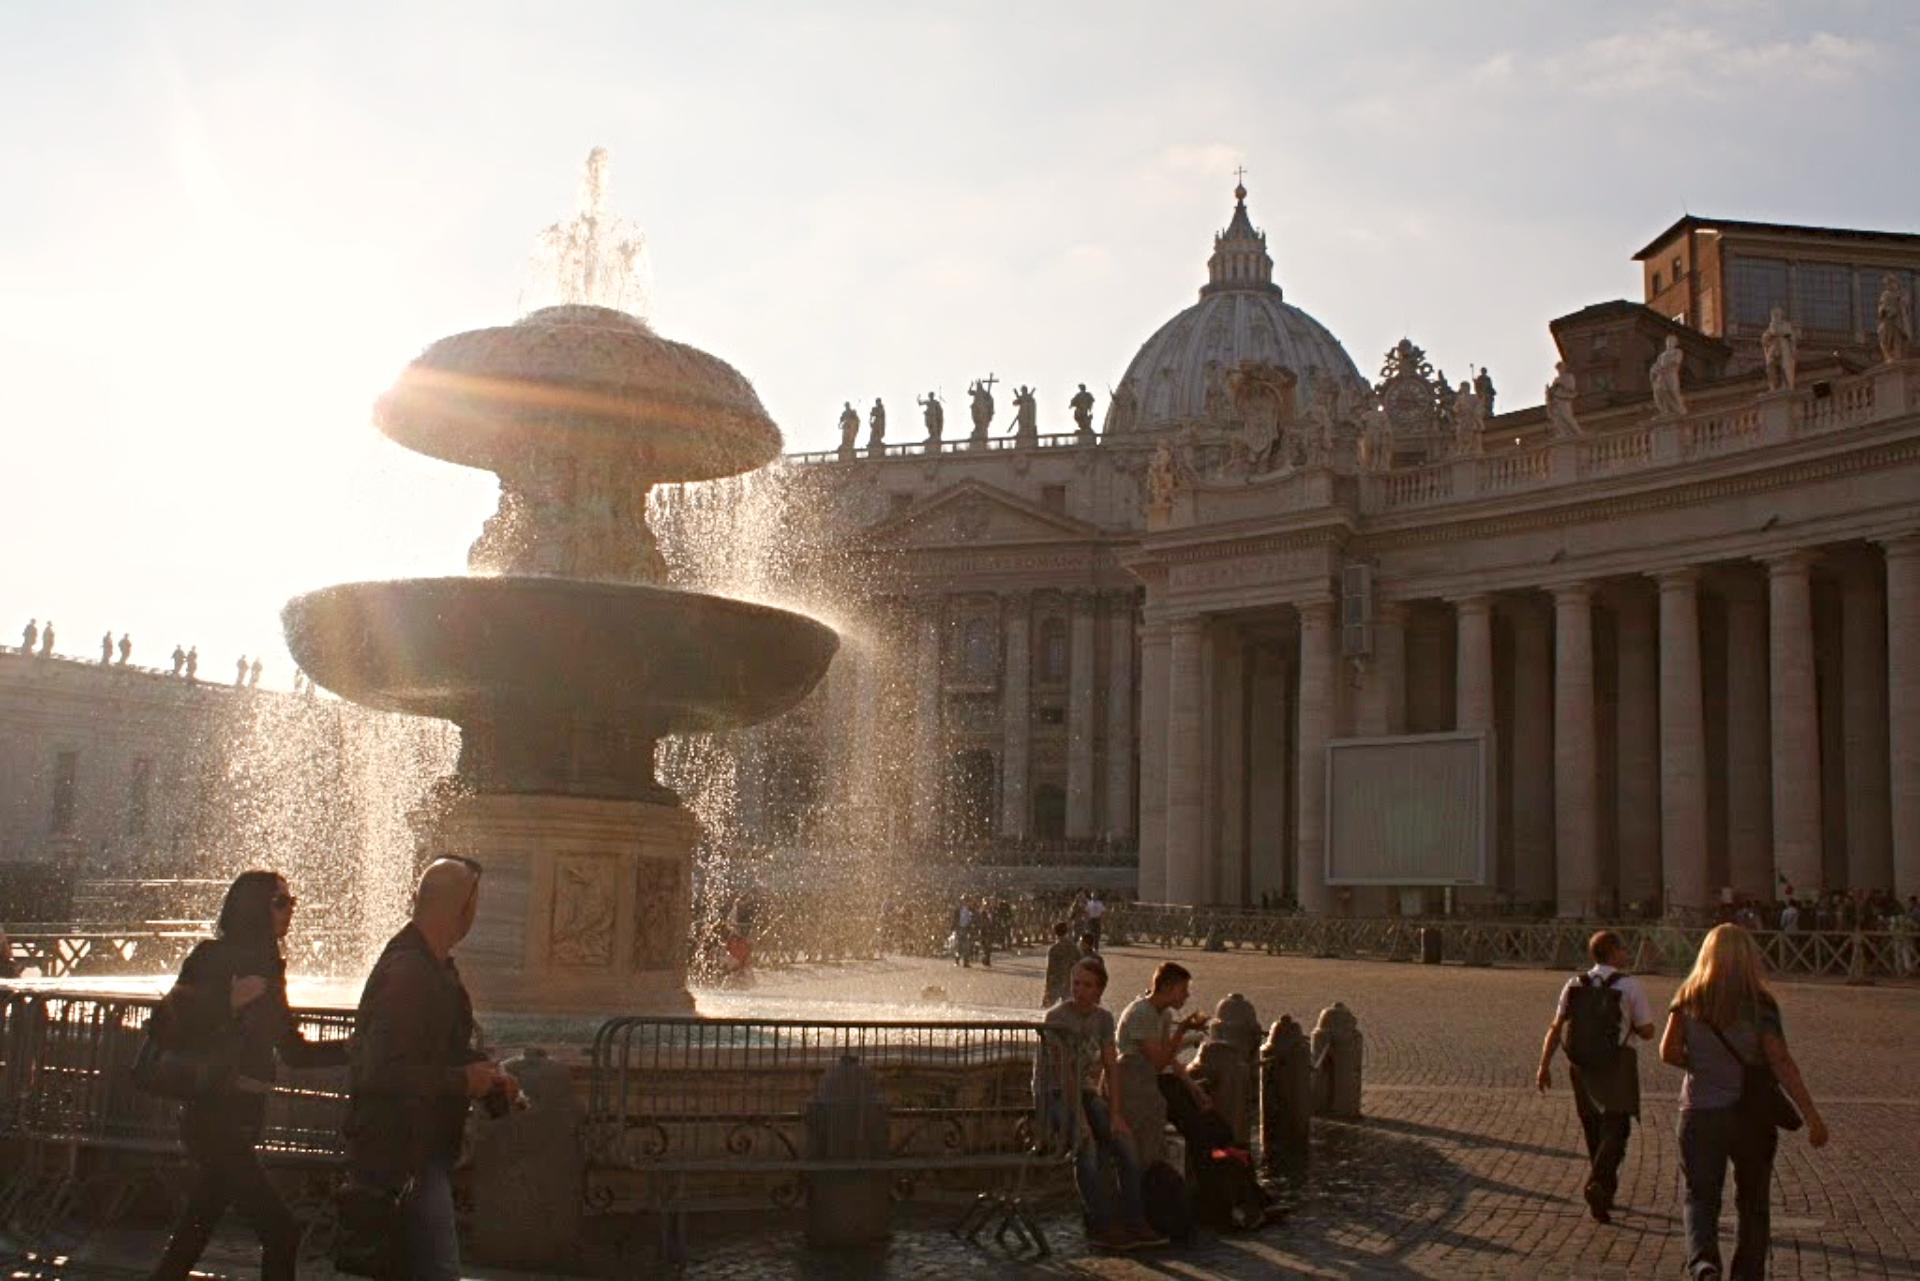 Praça de São Pedro, no Vaticano, ao entardecer. Ao fundo, a Basílica. Foto: Carolina Werneck/Gazeta do Povo